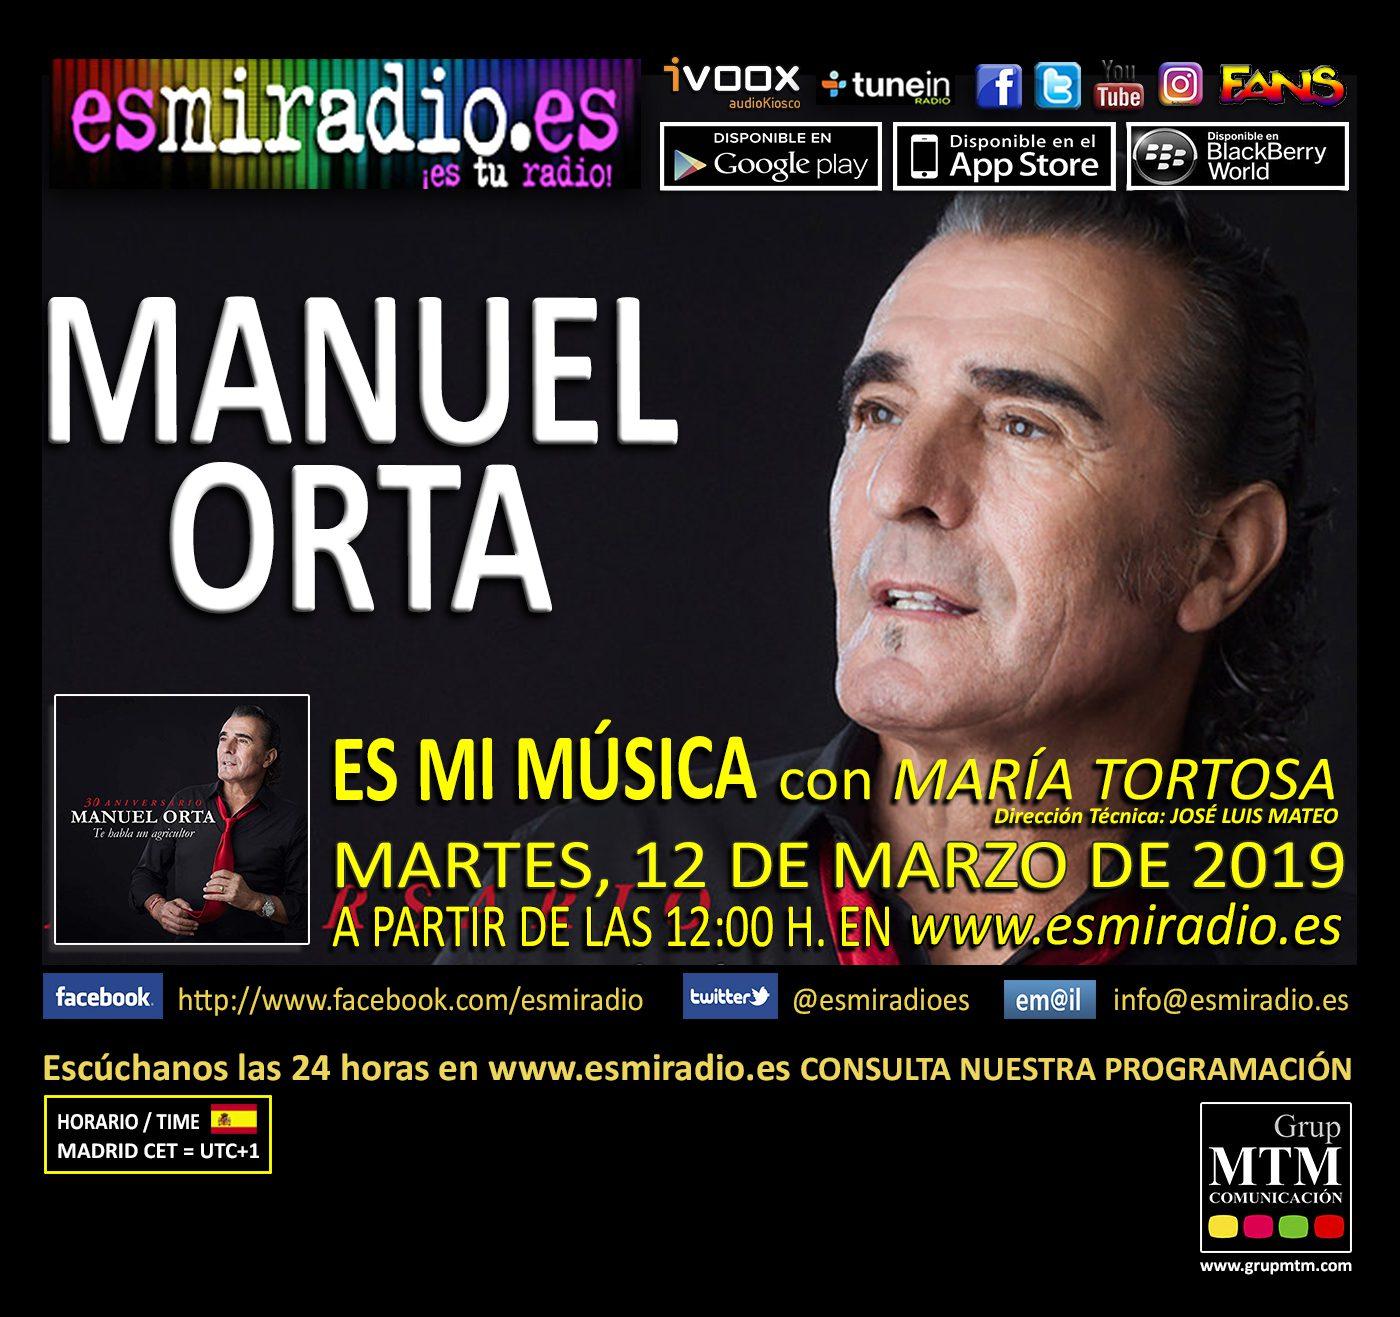 Manuel Orta en esmiradio.es el Martes, 12 de Marzo de 2019